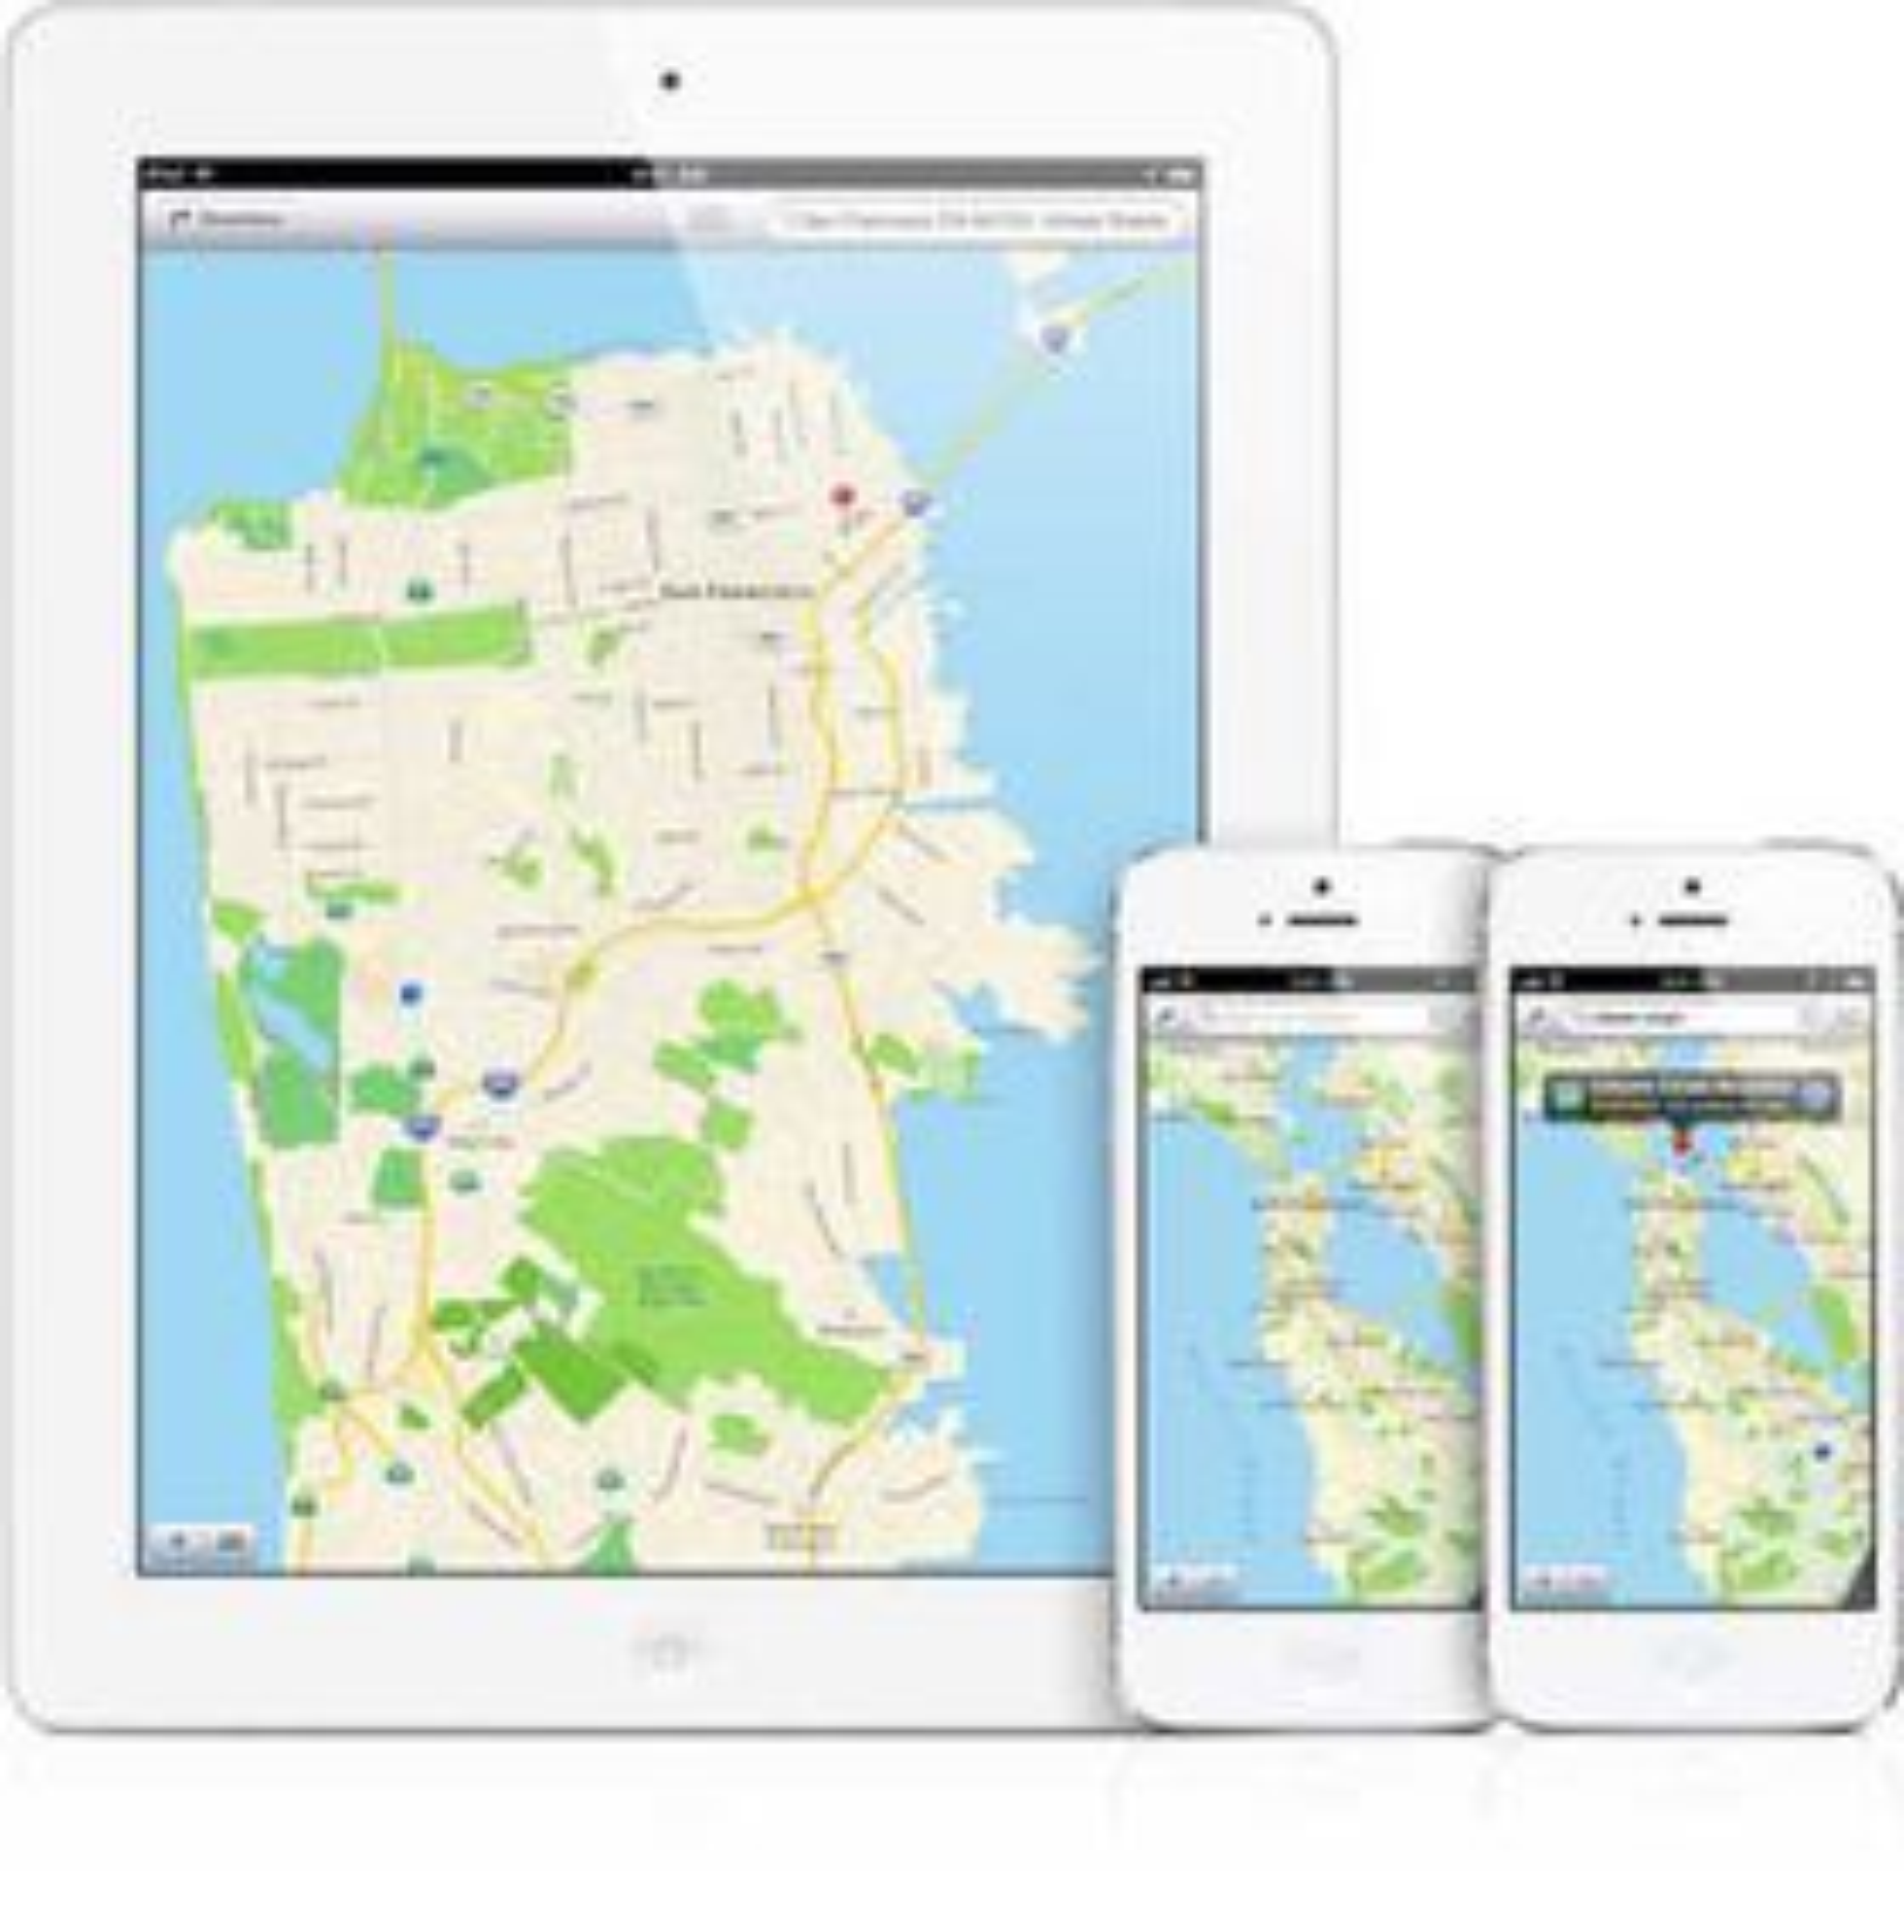 Apples egen karttjeneste har fått hard medfart blant iOS-brukerne. Nå skal den ansvarlige ha fått sparken.